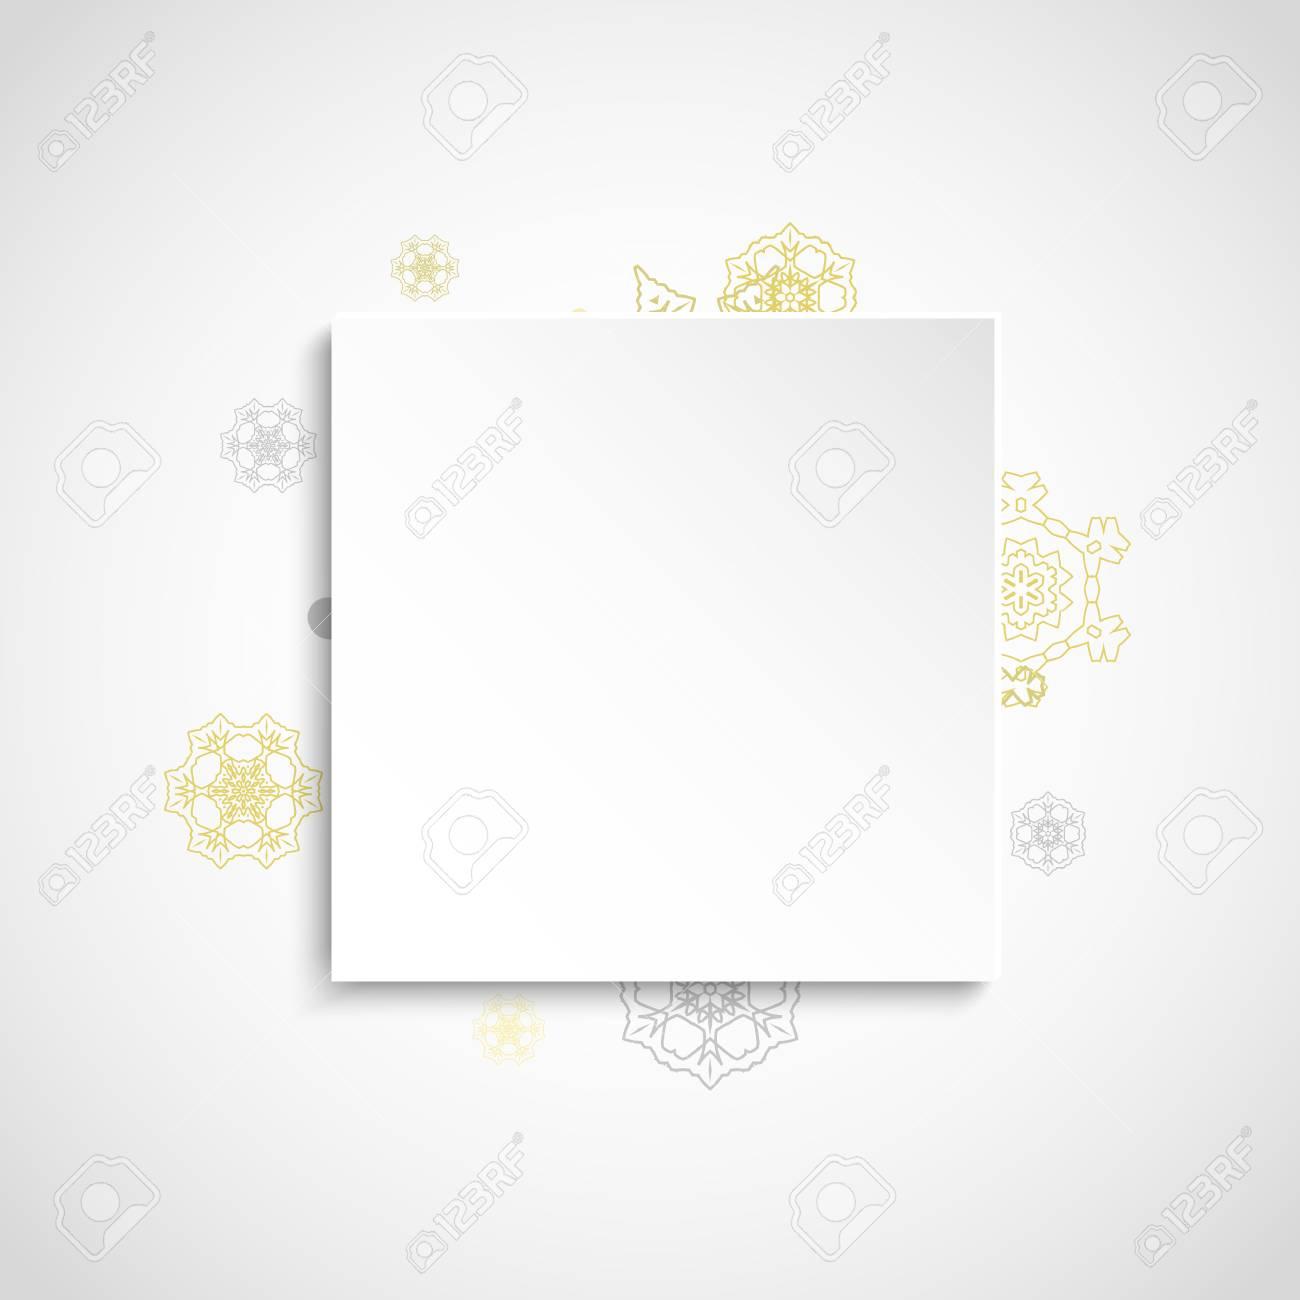 Marco De Los Copos De Nieve Brillo Sobre Fondo Cuadrado Blanco ...